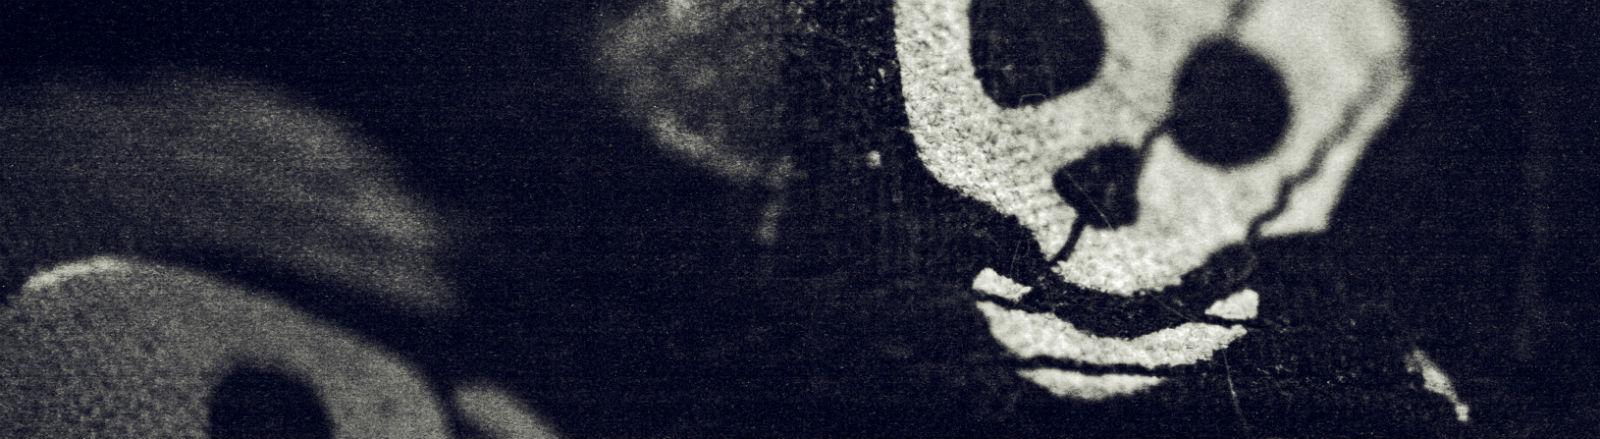 Auf ein schwarzes Tuch sind weiße Totenköpfe gedruckt.